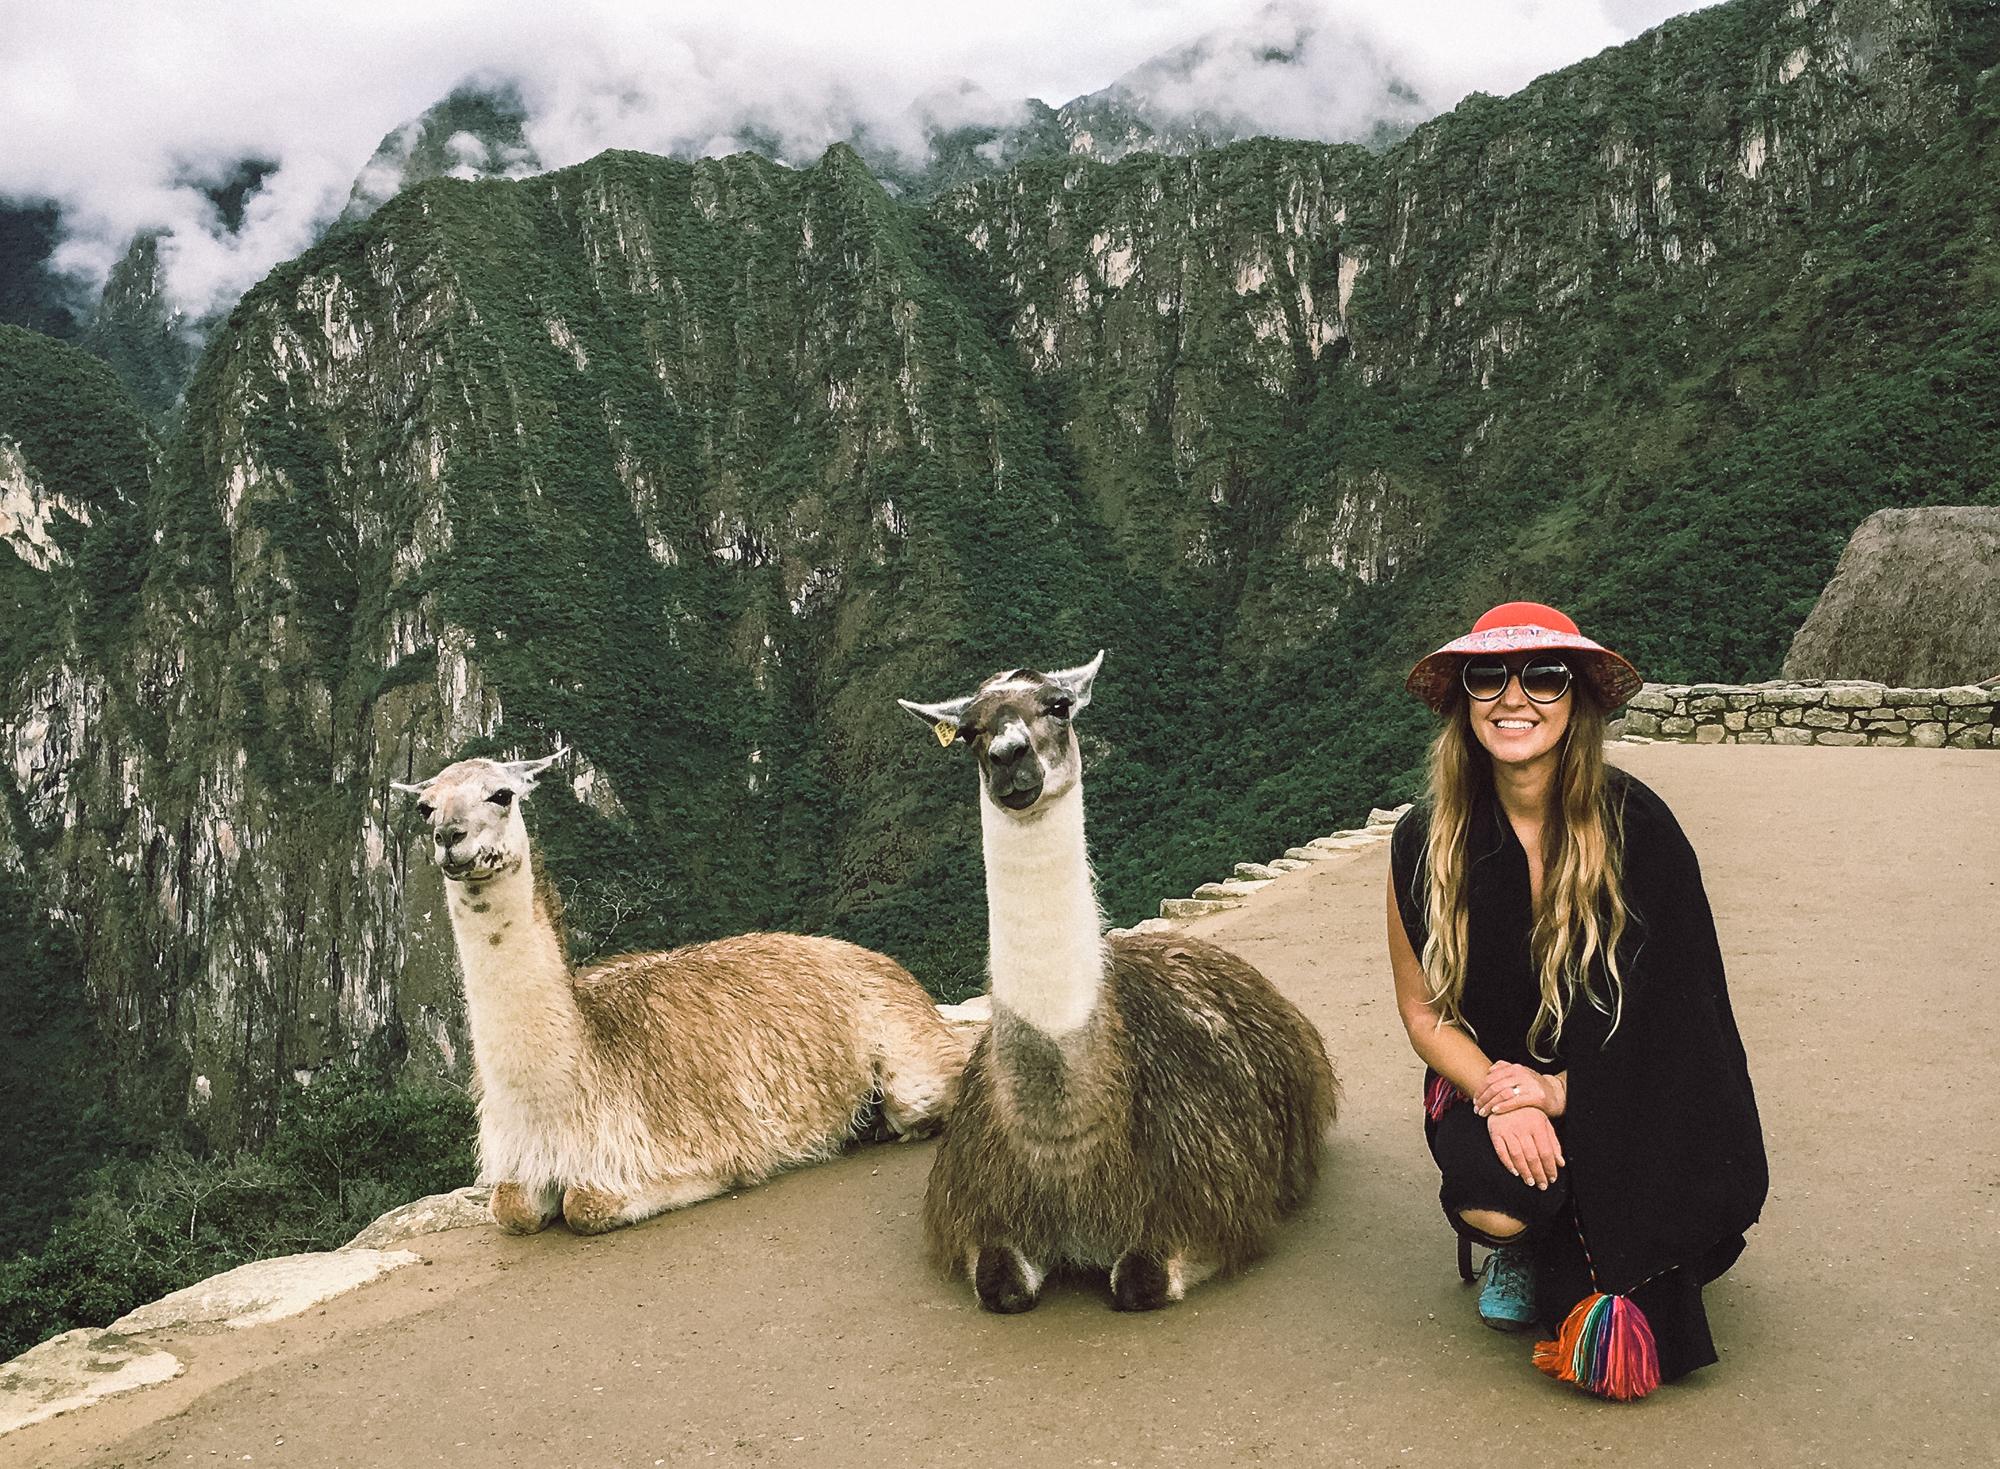 Llamas at Machu Pacchu